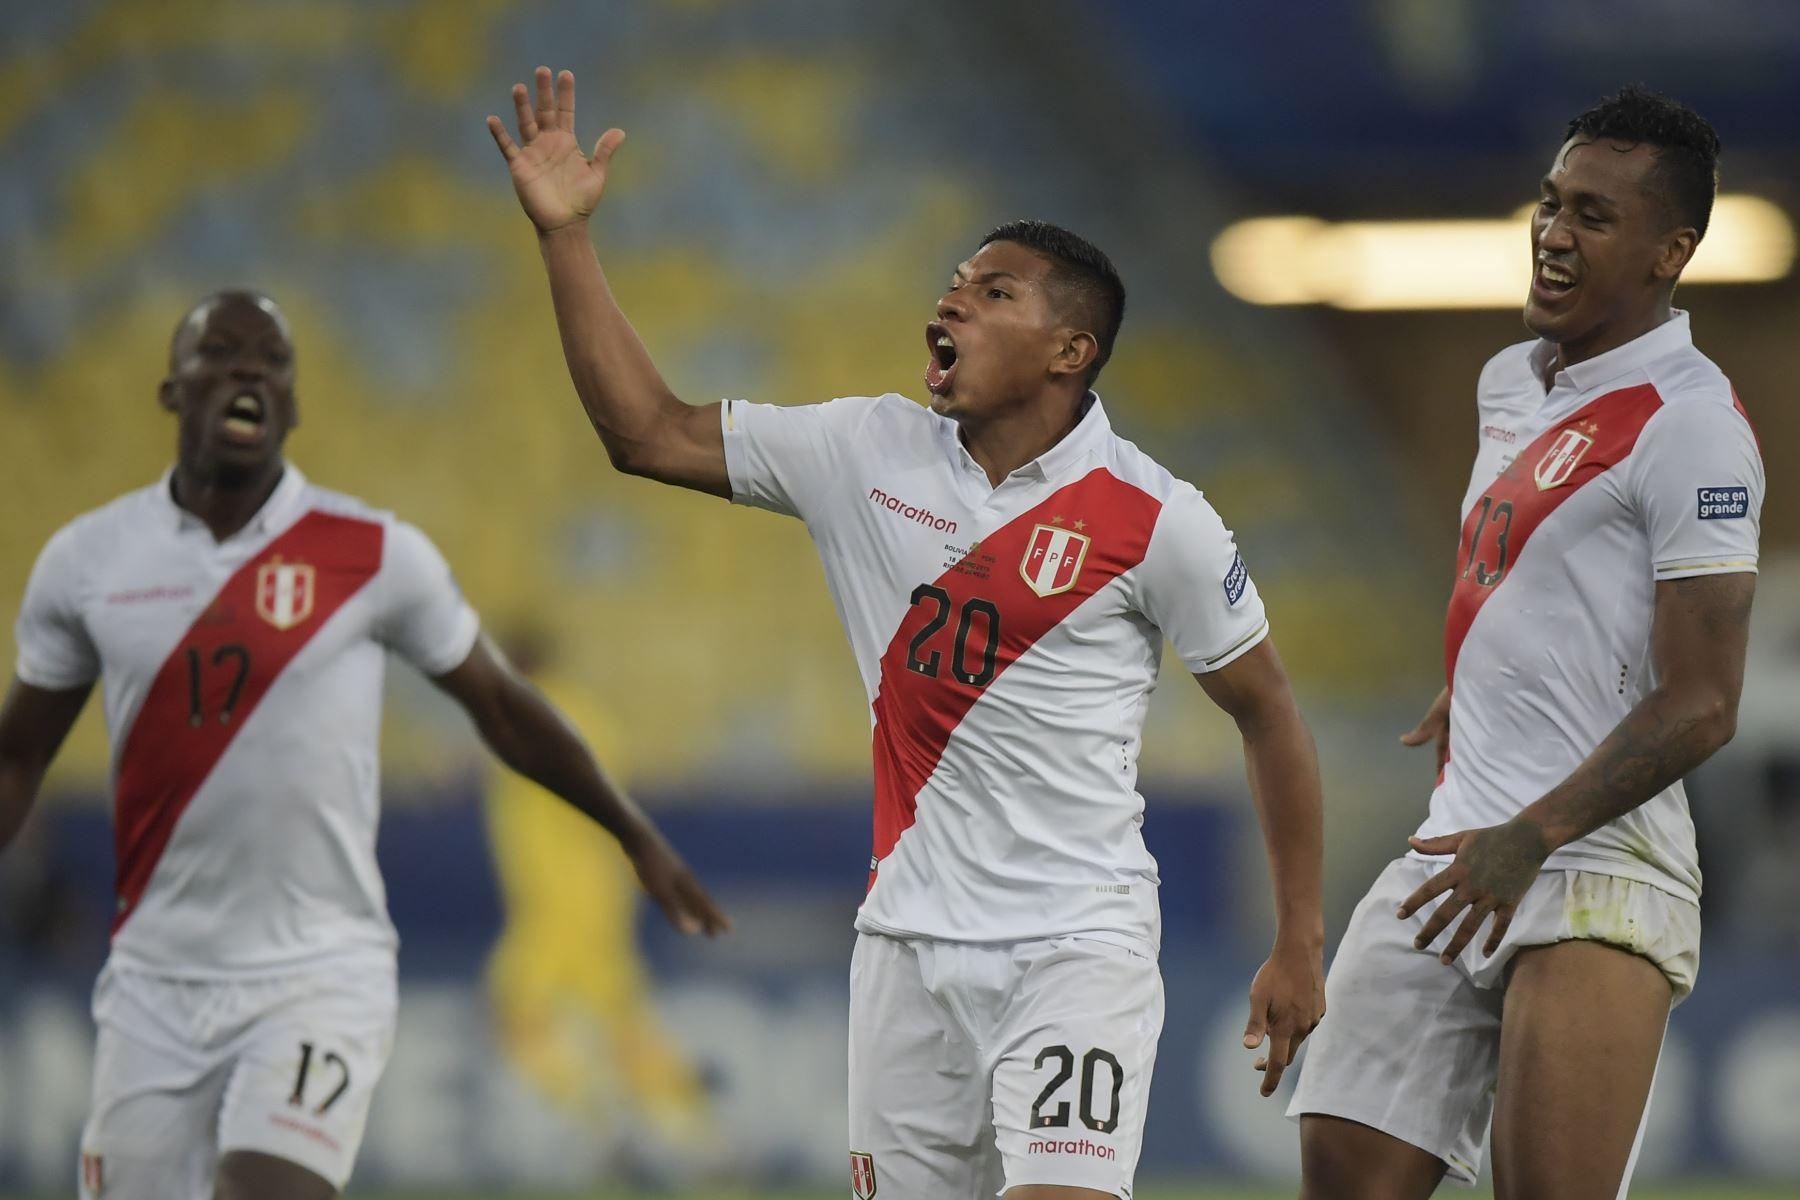 Edison Flores (C), de Perú, celebra después de anotar contra Bolivia durante el partido de fútbol por la Copa América. Foto: AFP